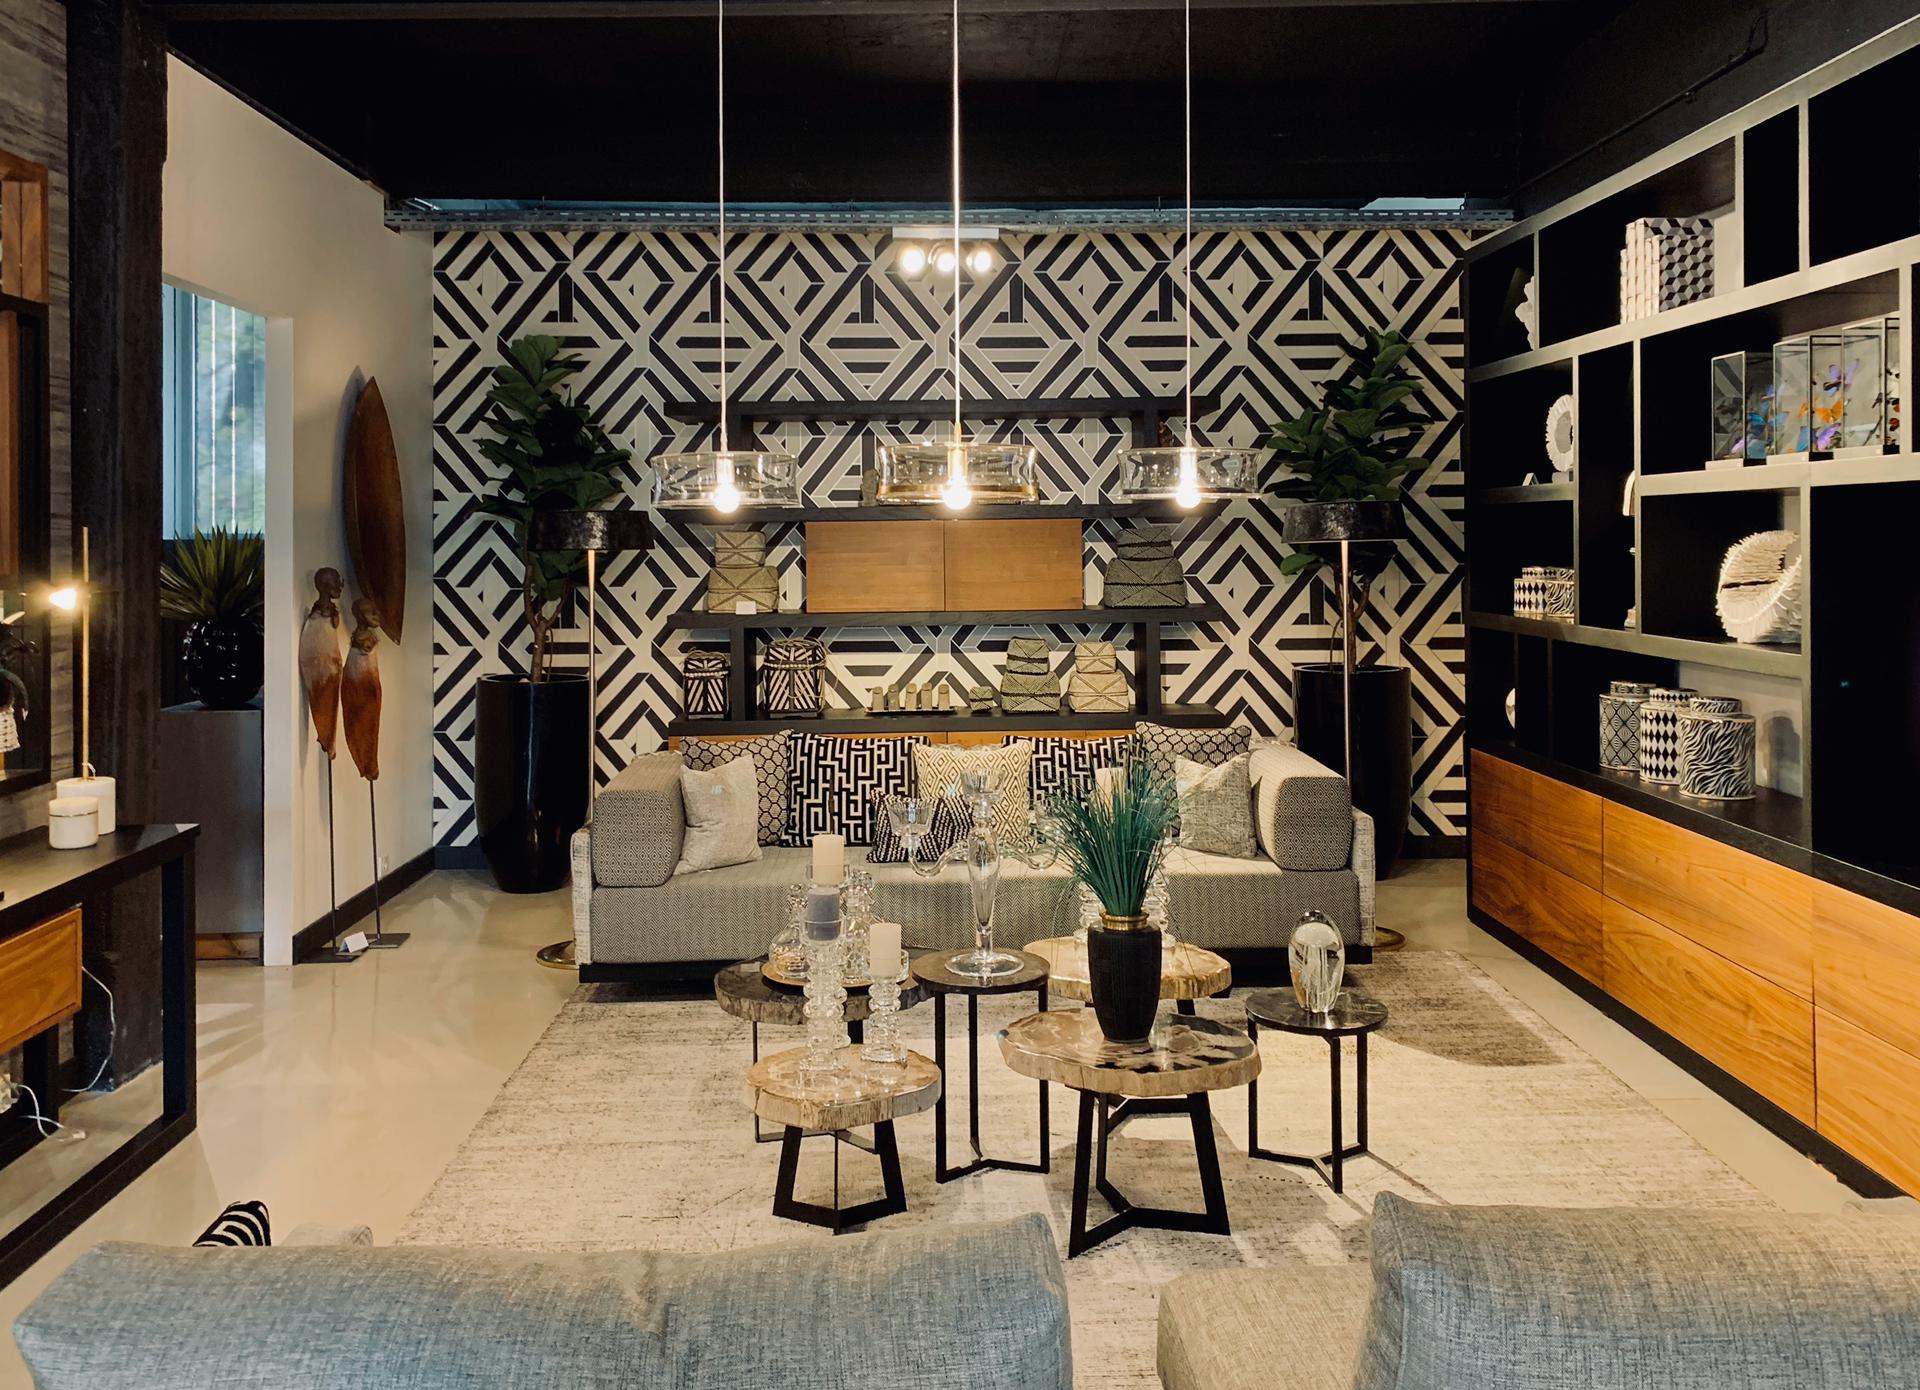 magasin de décoration verviers, deco tendance belgique, JN interiors, Jour et Nuit liege verviers